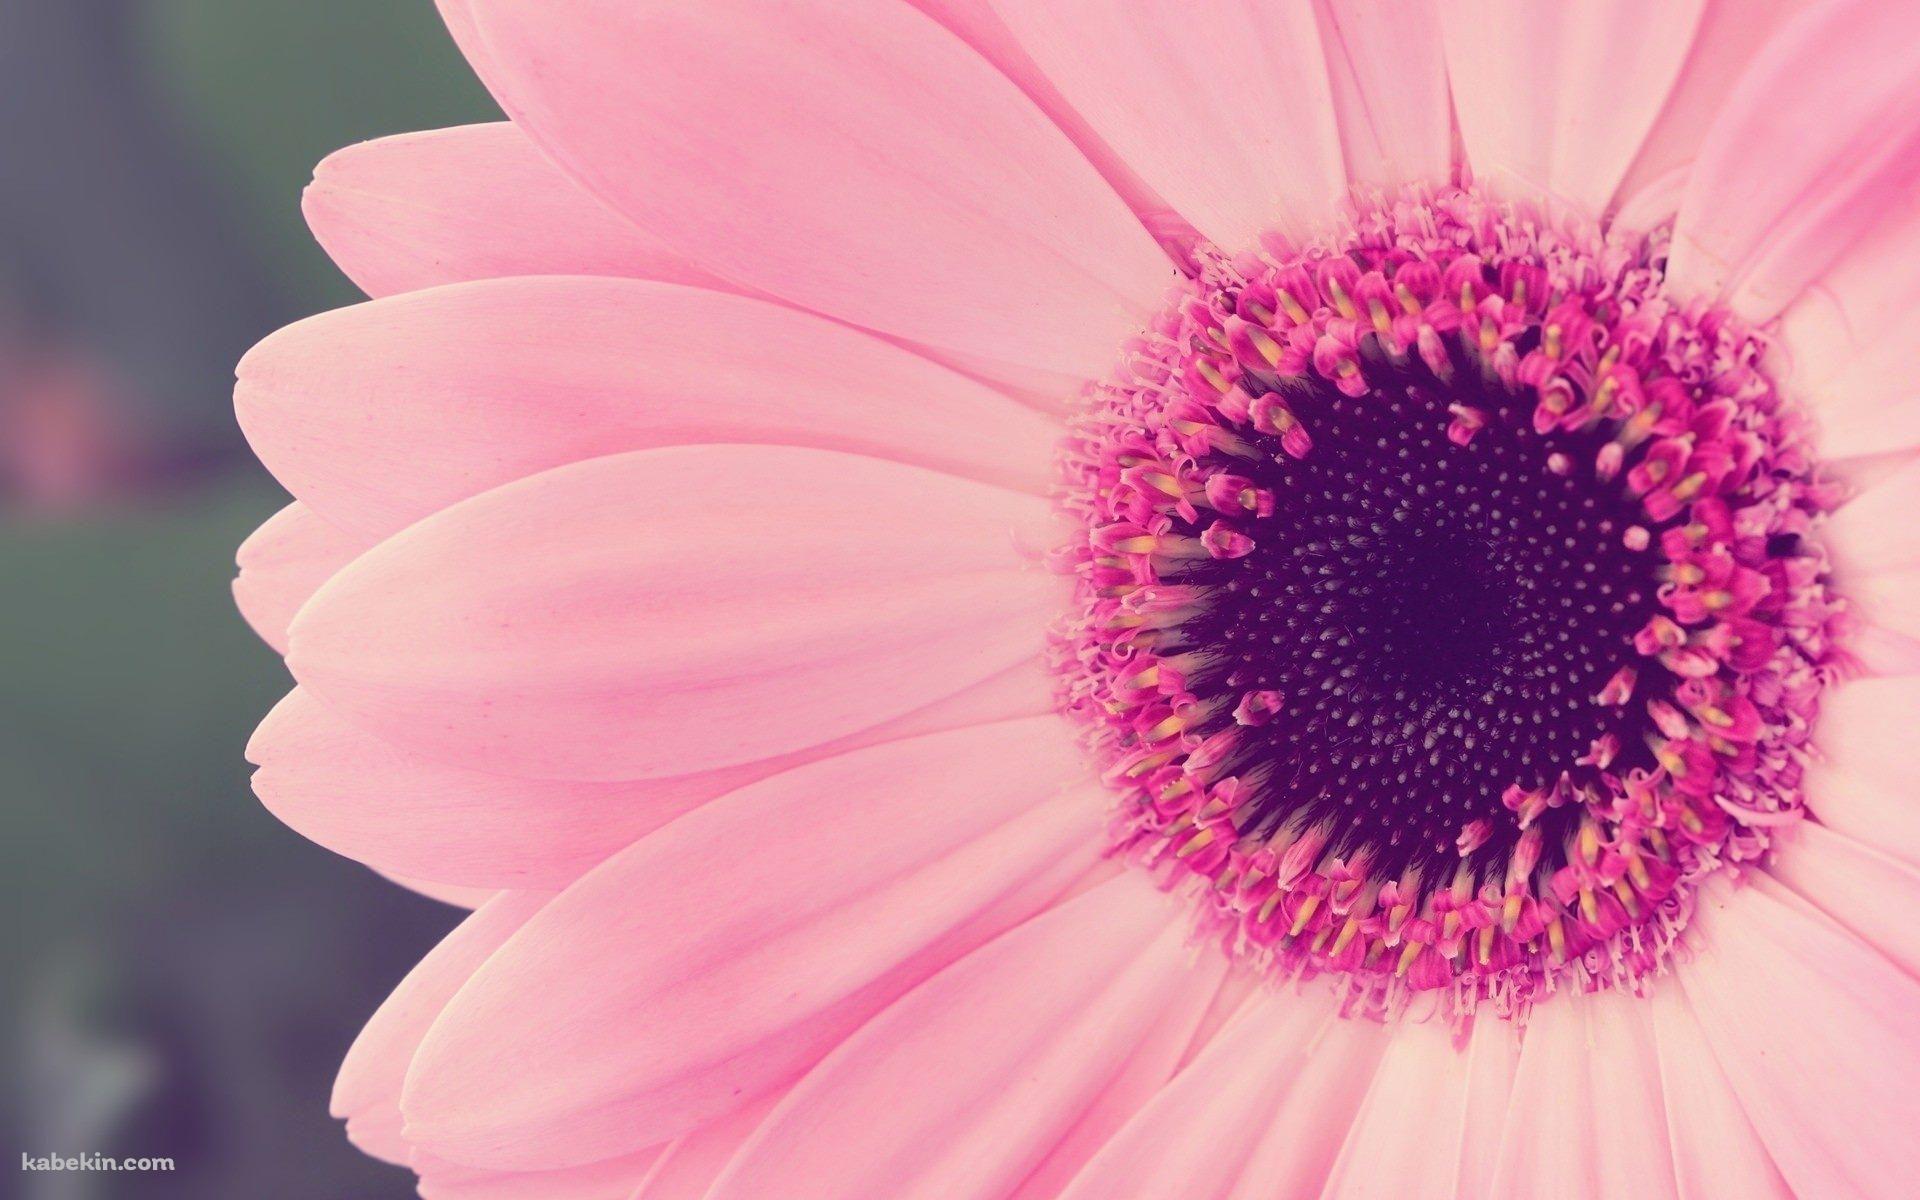 かわいいピンクのガーベラの壁紙 花 壁紙 壁紙 かわいい